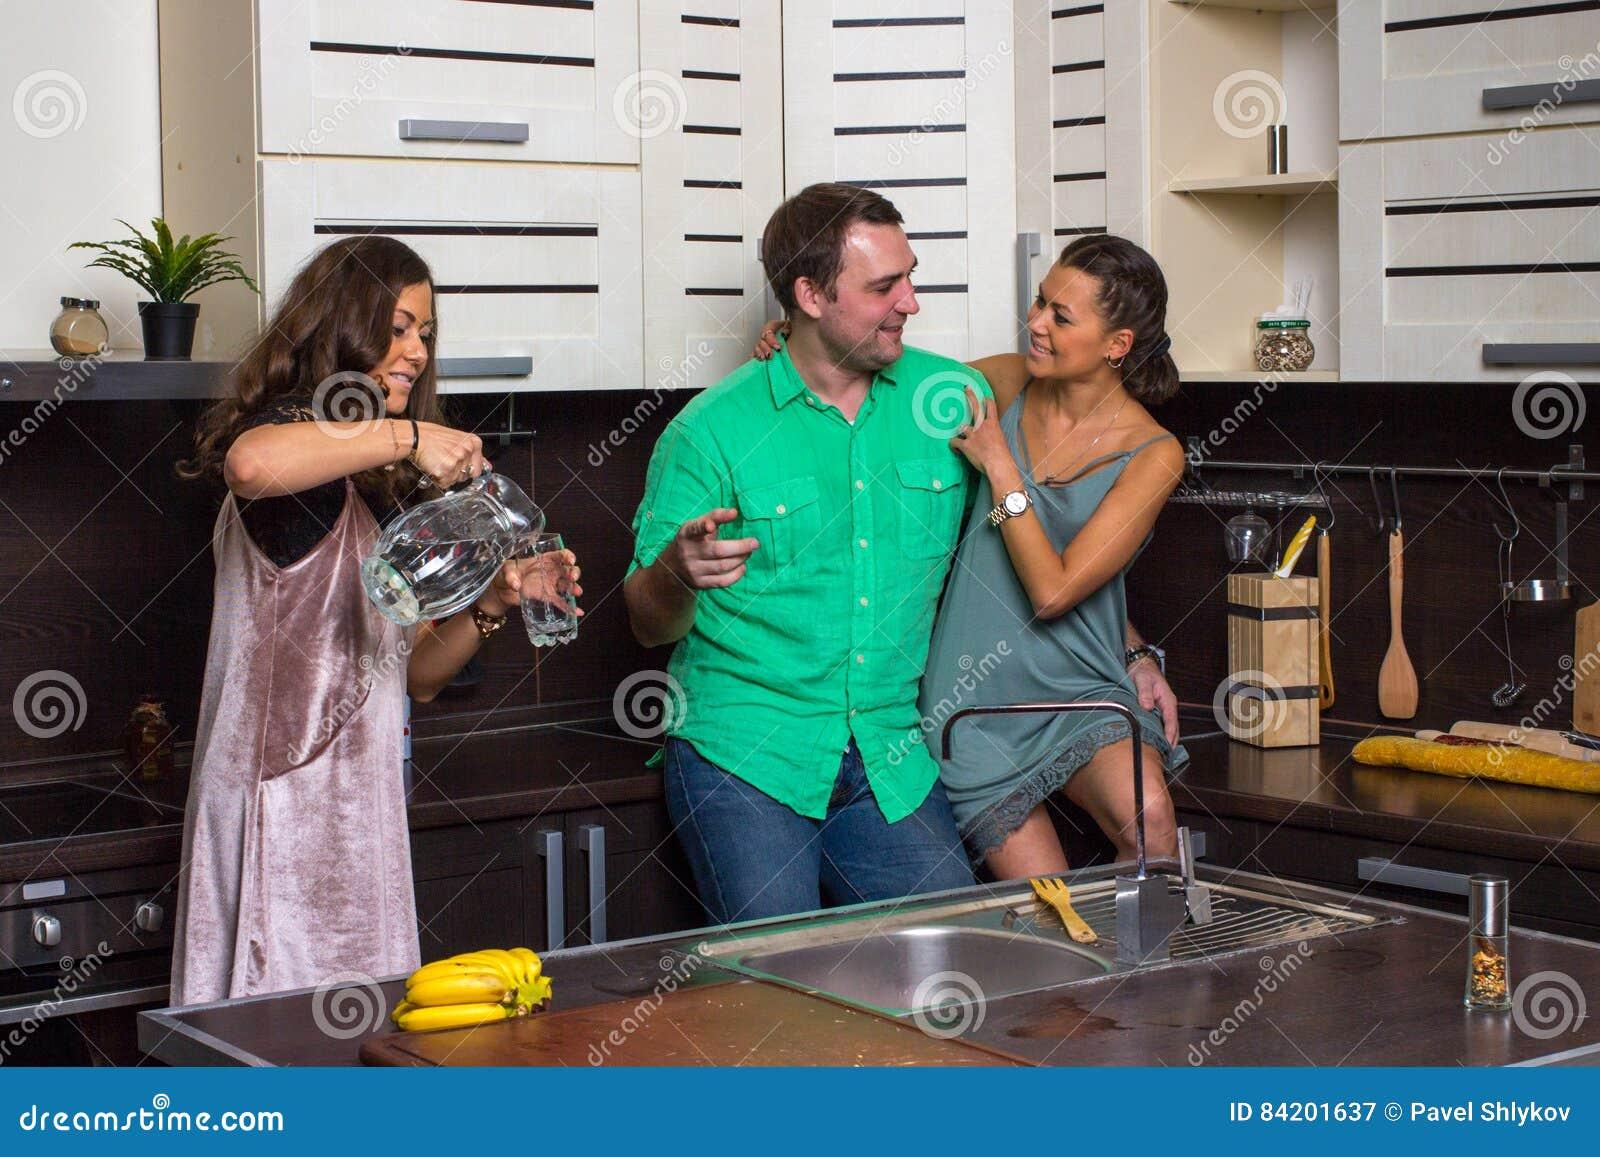 Die Hosteß bietet Gästen ein Glas Wasser in der Küche an